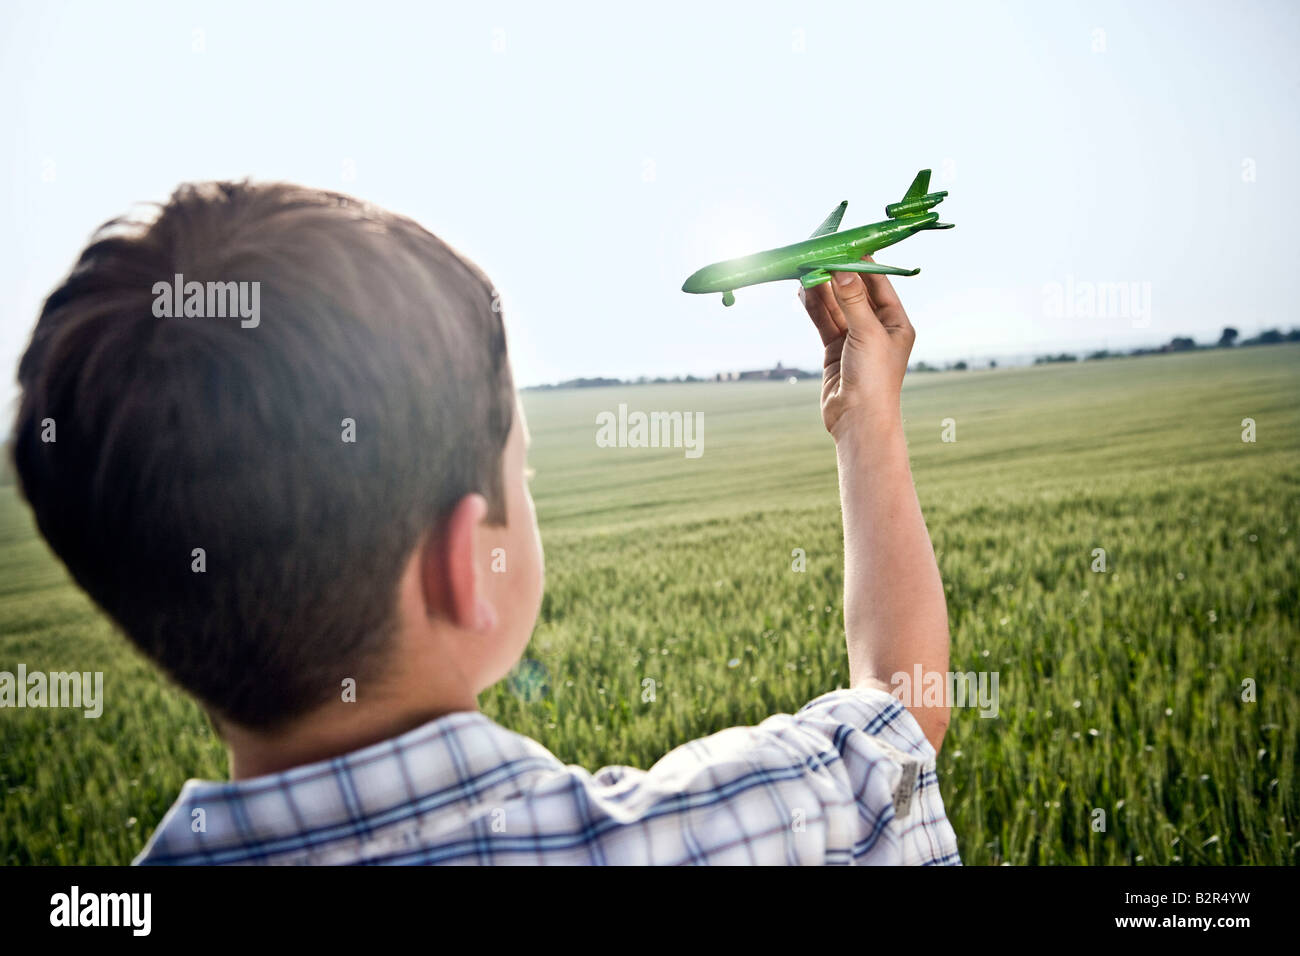 Niño jugando con el avión de juguete Foto de stock